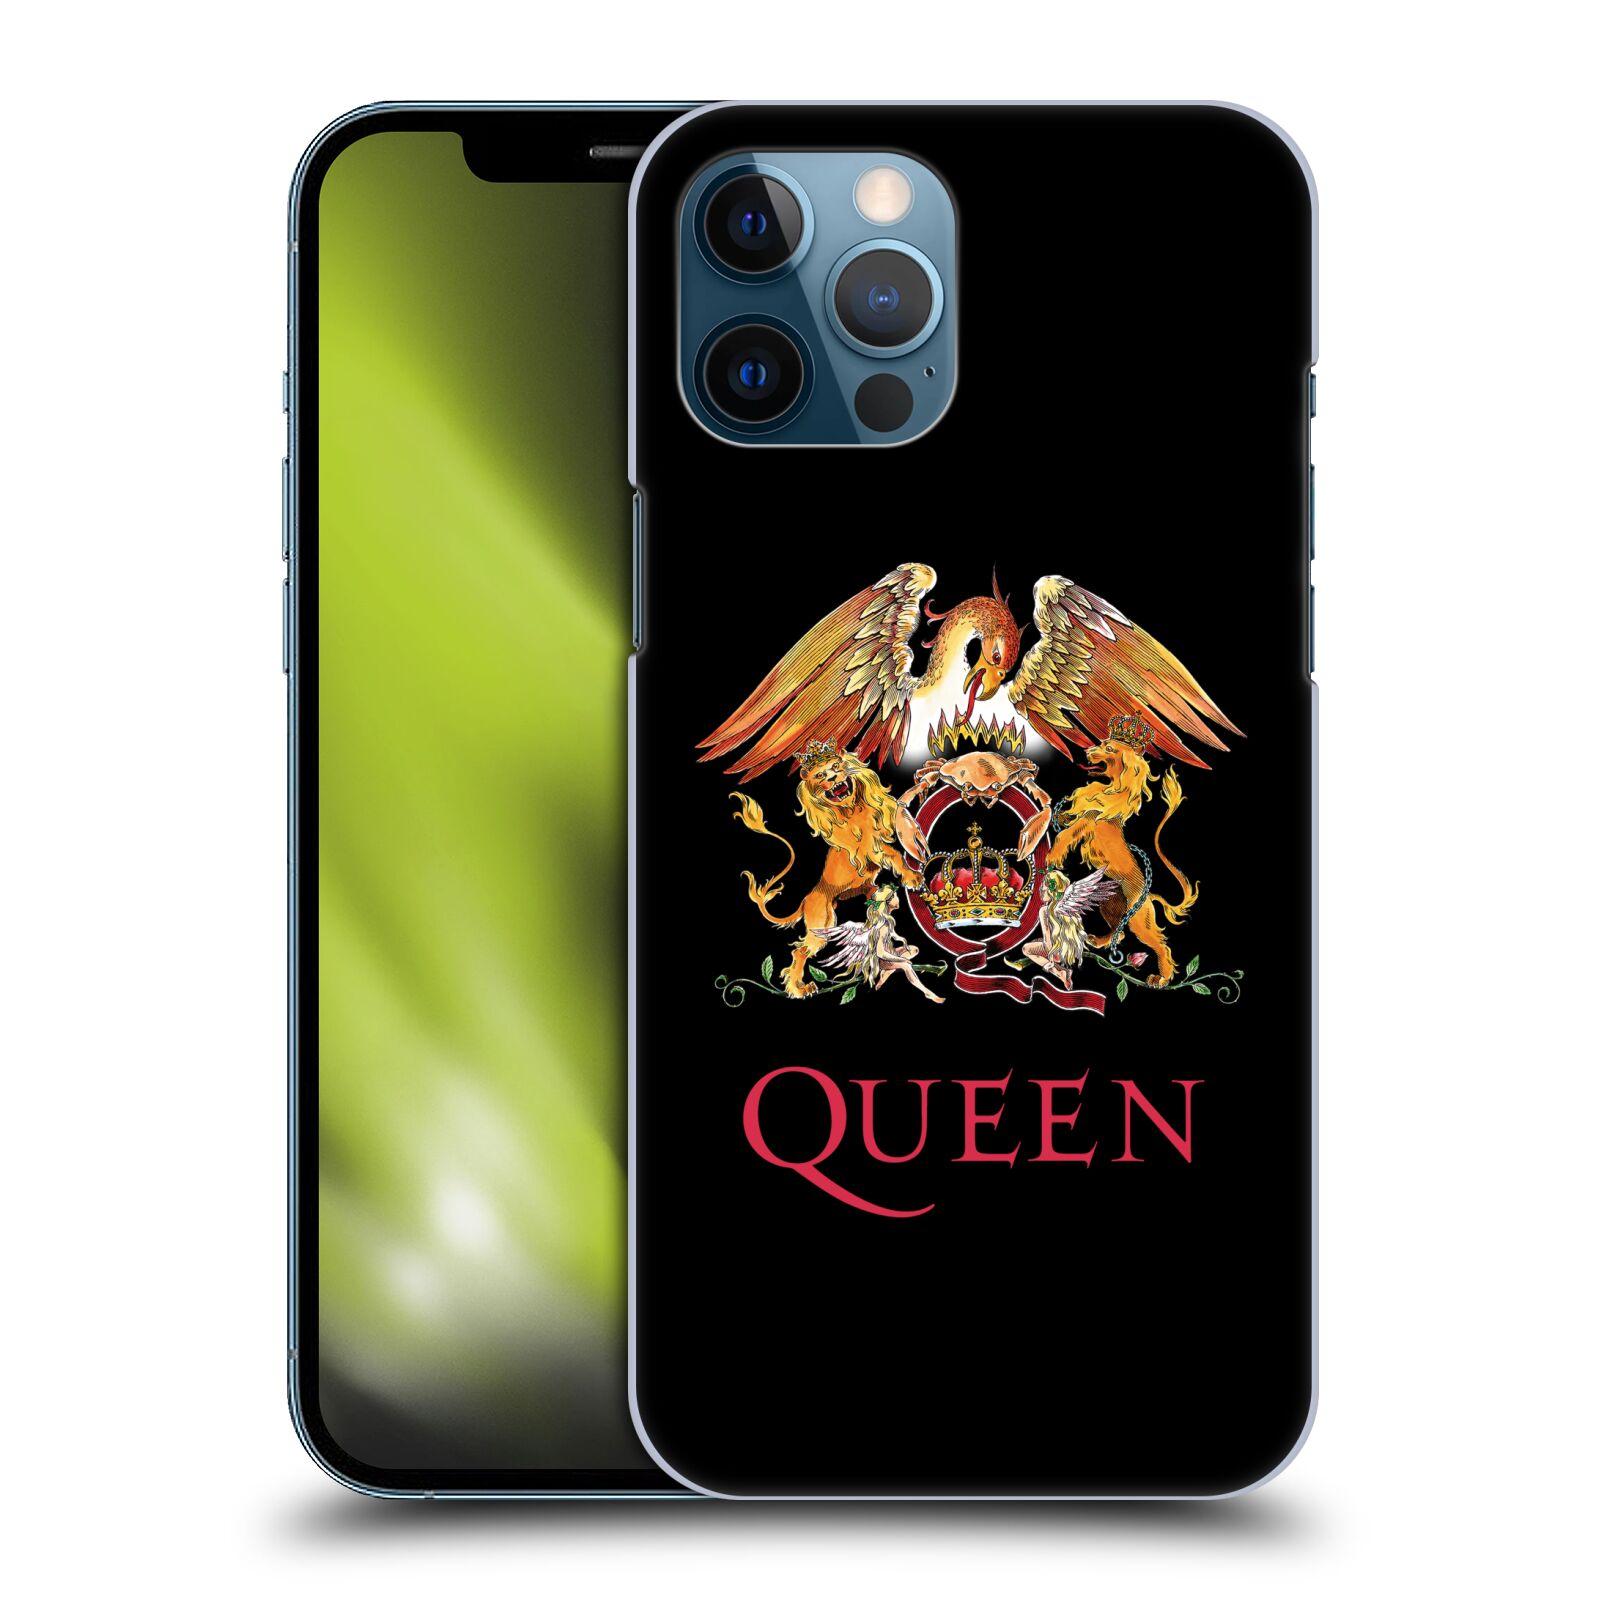 Plastové pouzdro na mobil Apple iPhone 12 Pro Max - Head Case - Queen - Logo